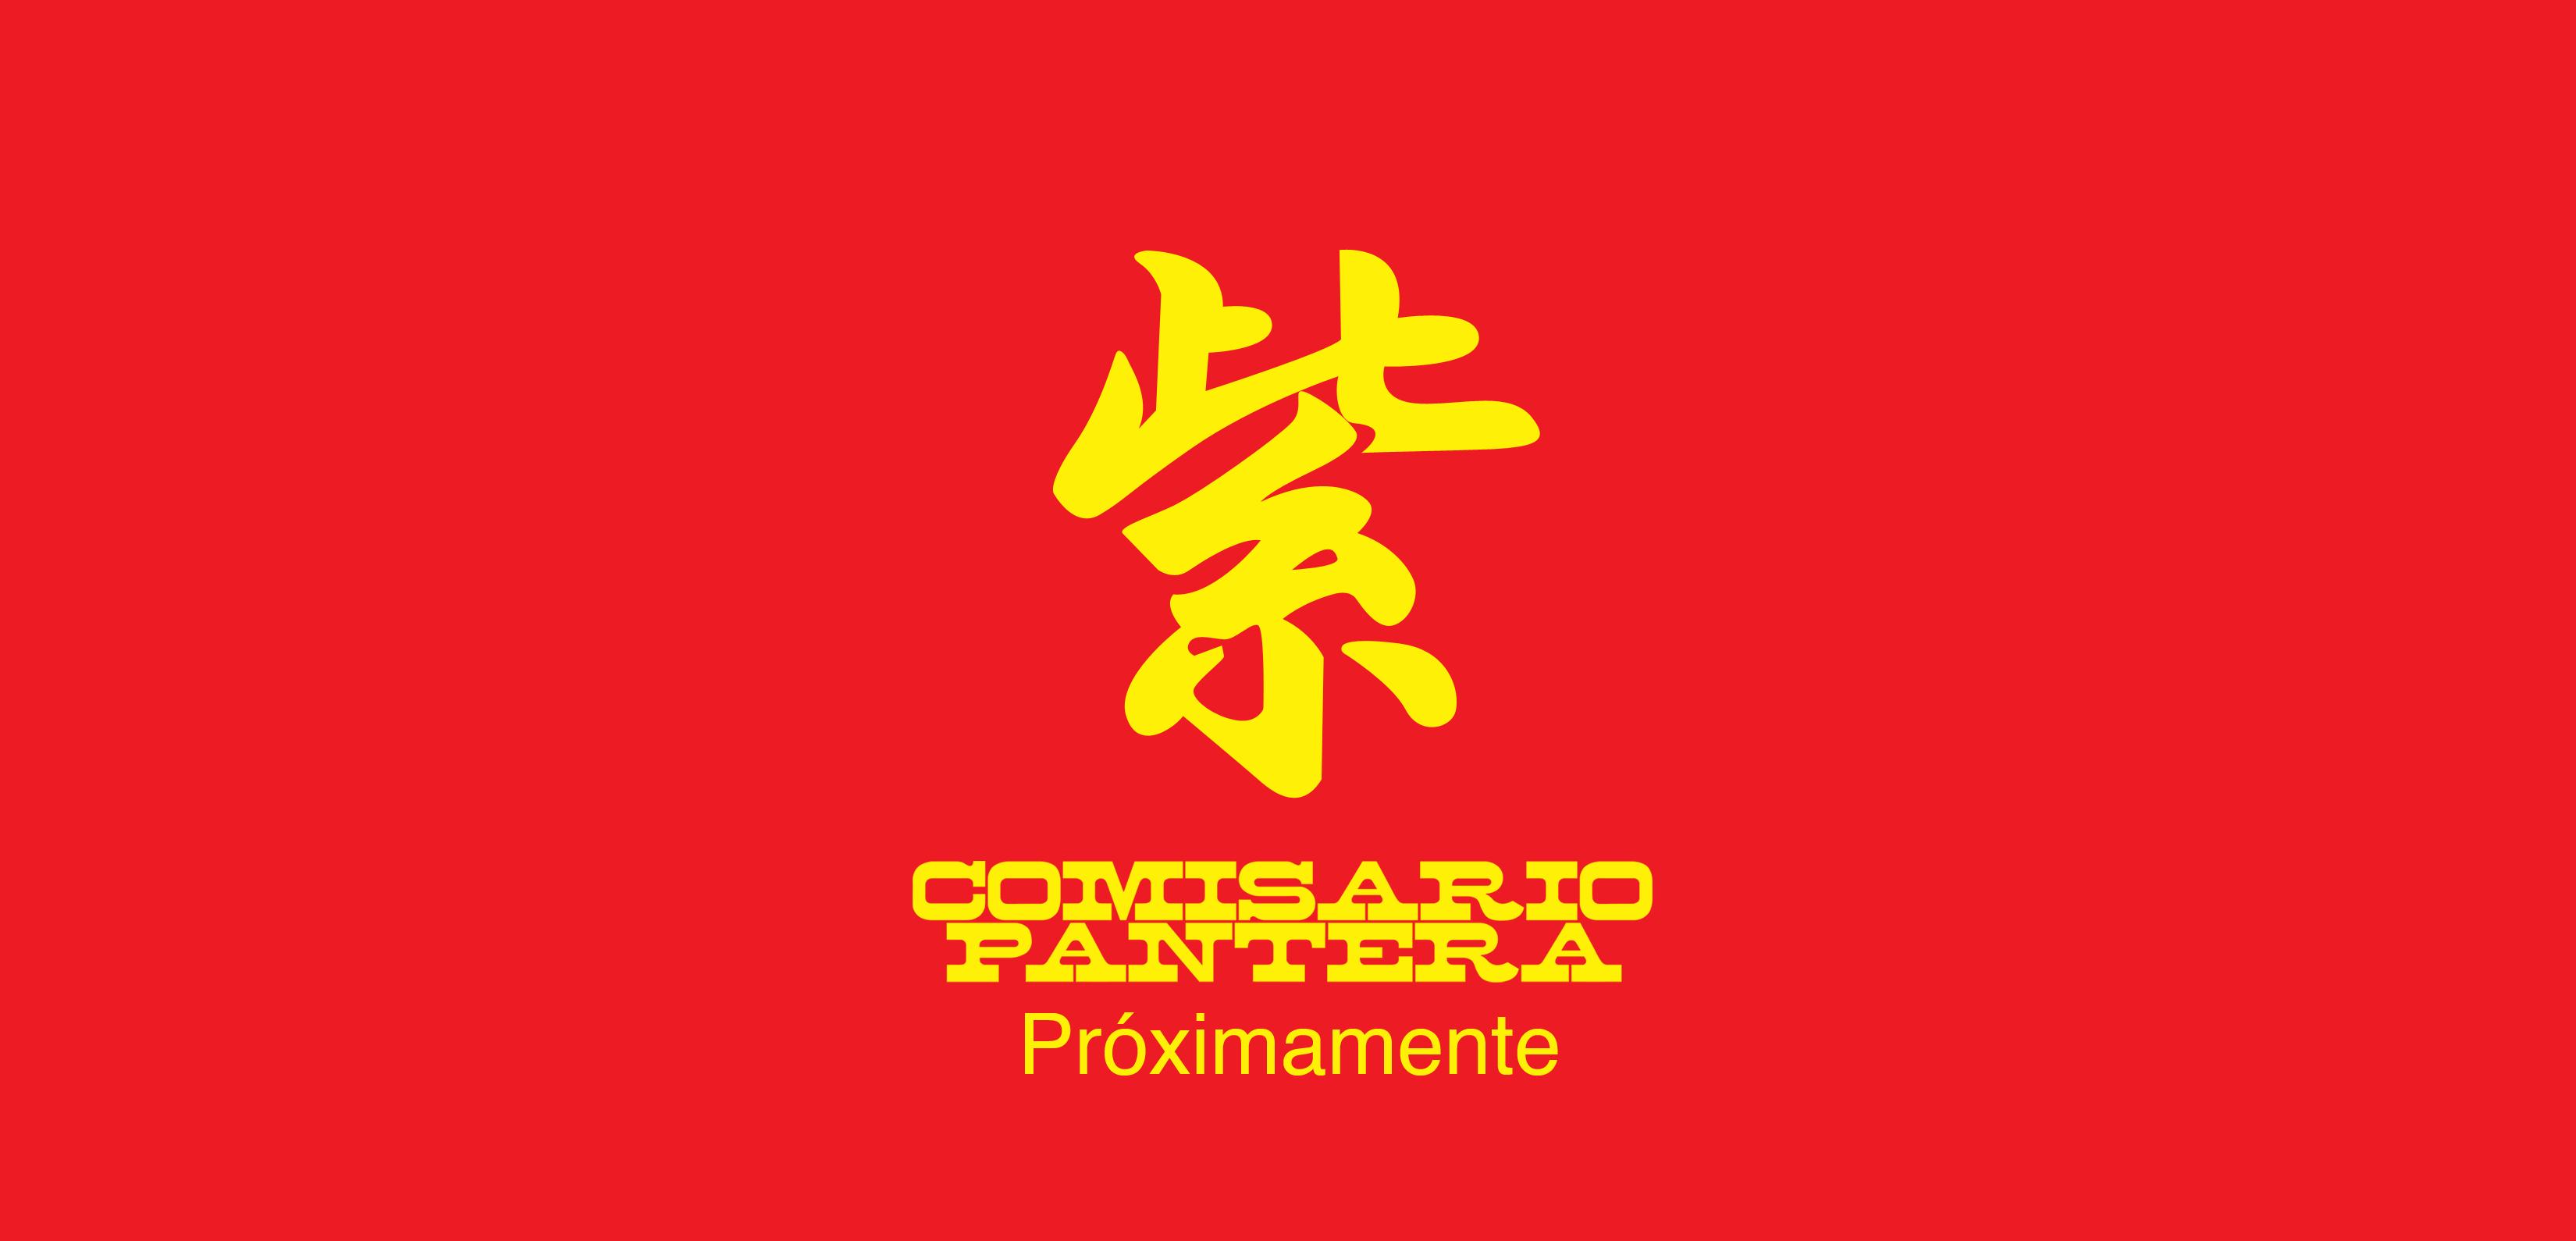 Comisario Pantera